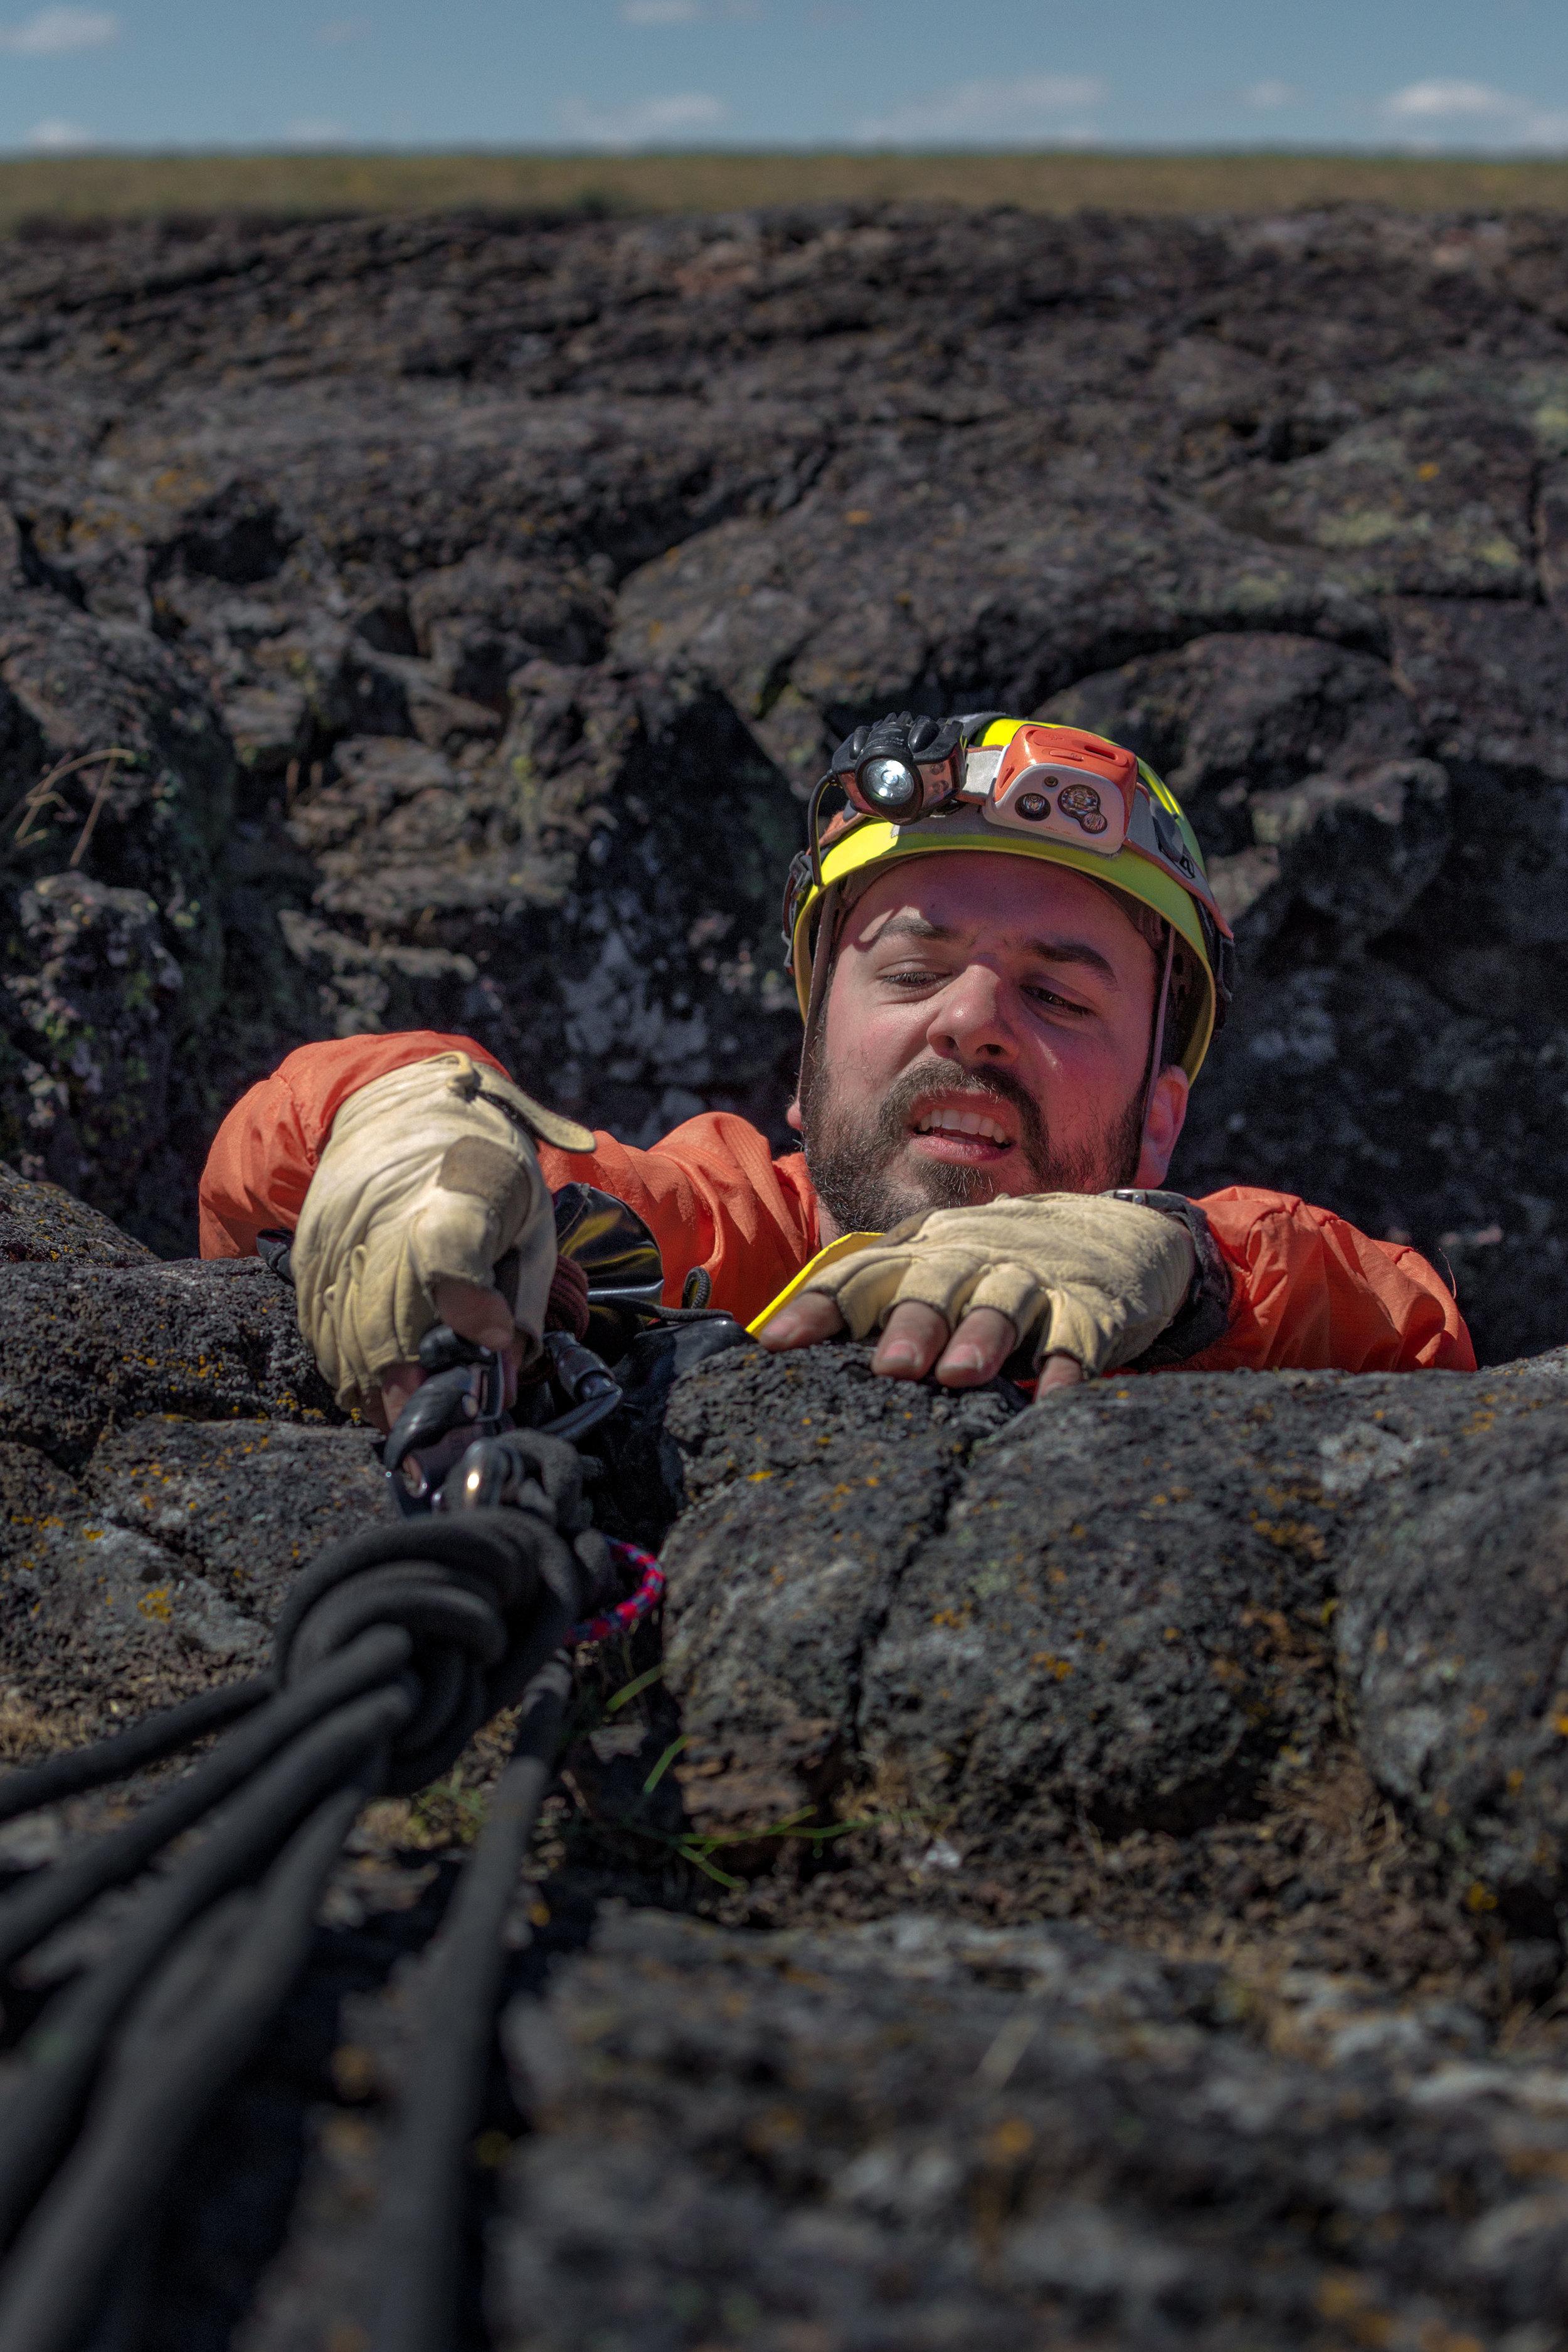 climbing_out_MG_8456-1.jpg